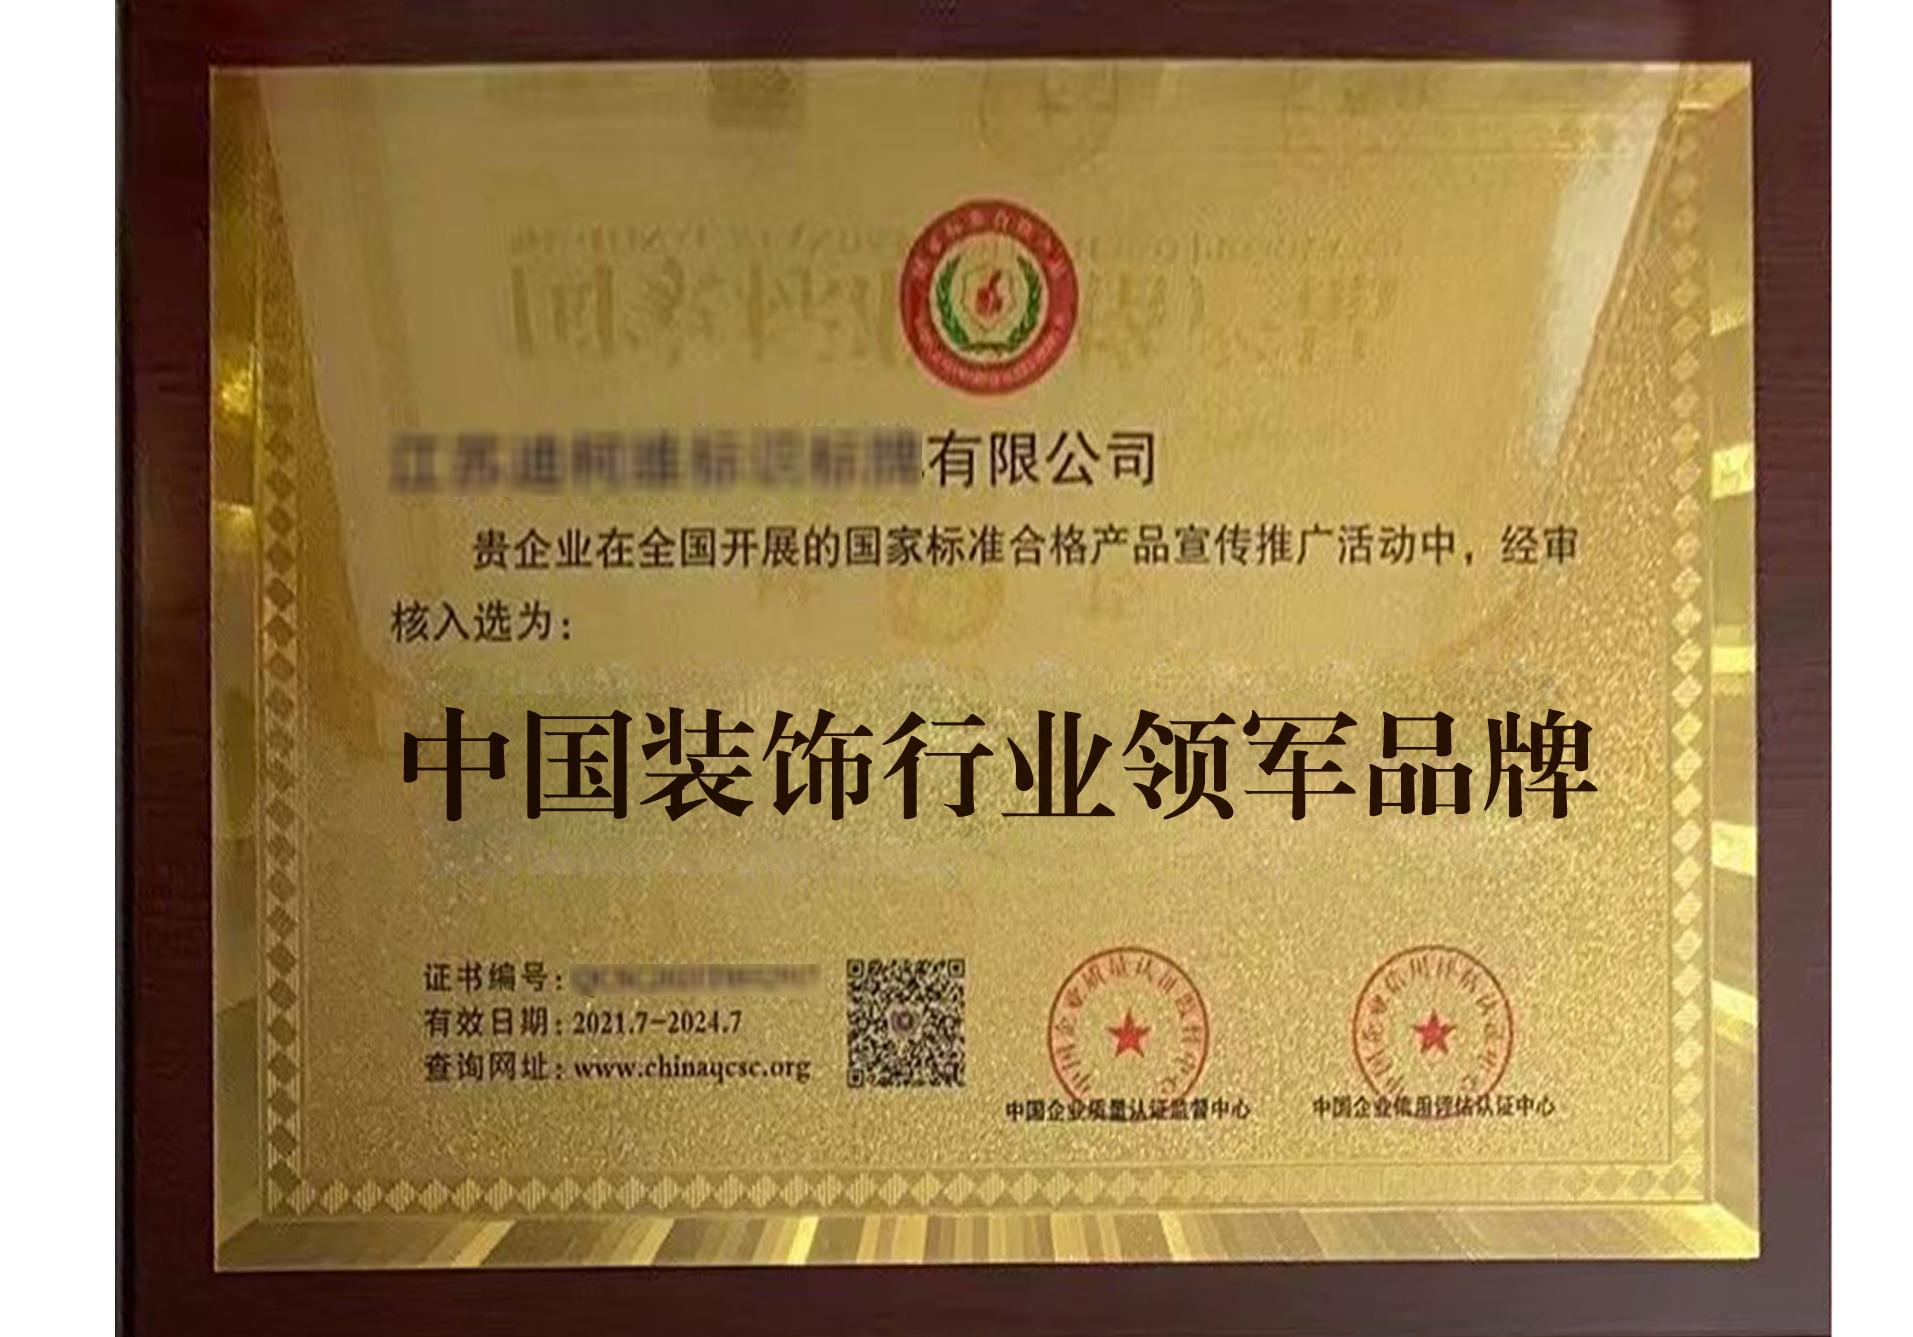 中国 XX 行业领军品牌